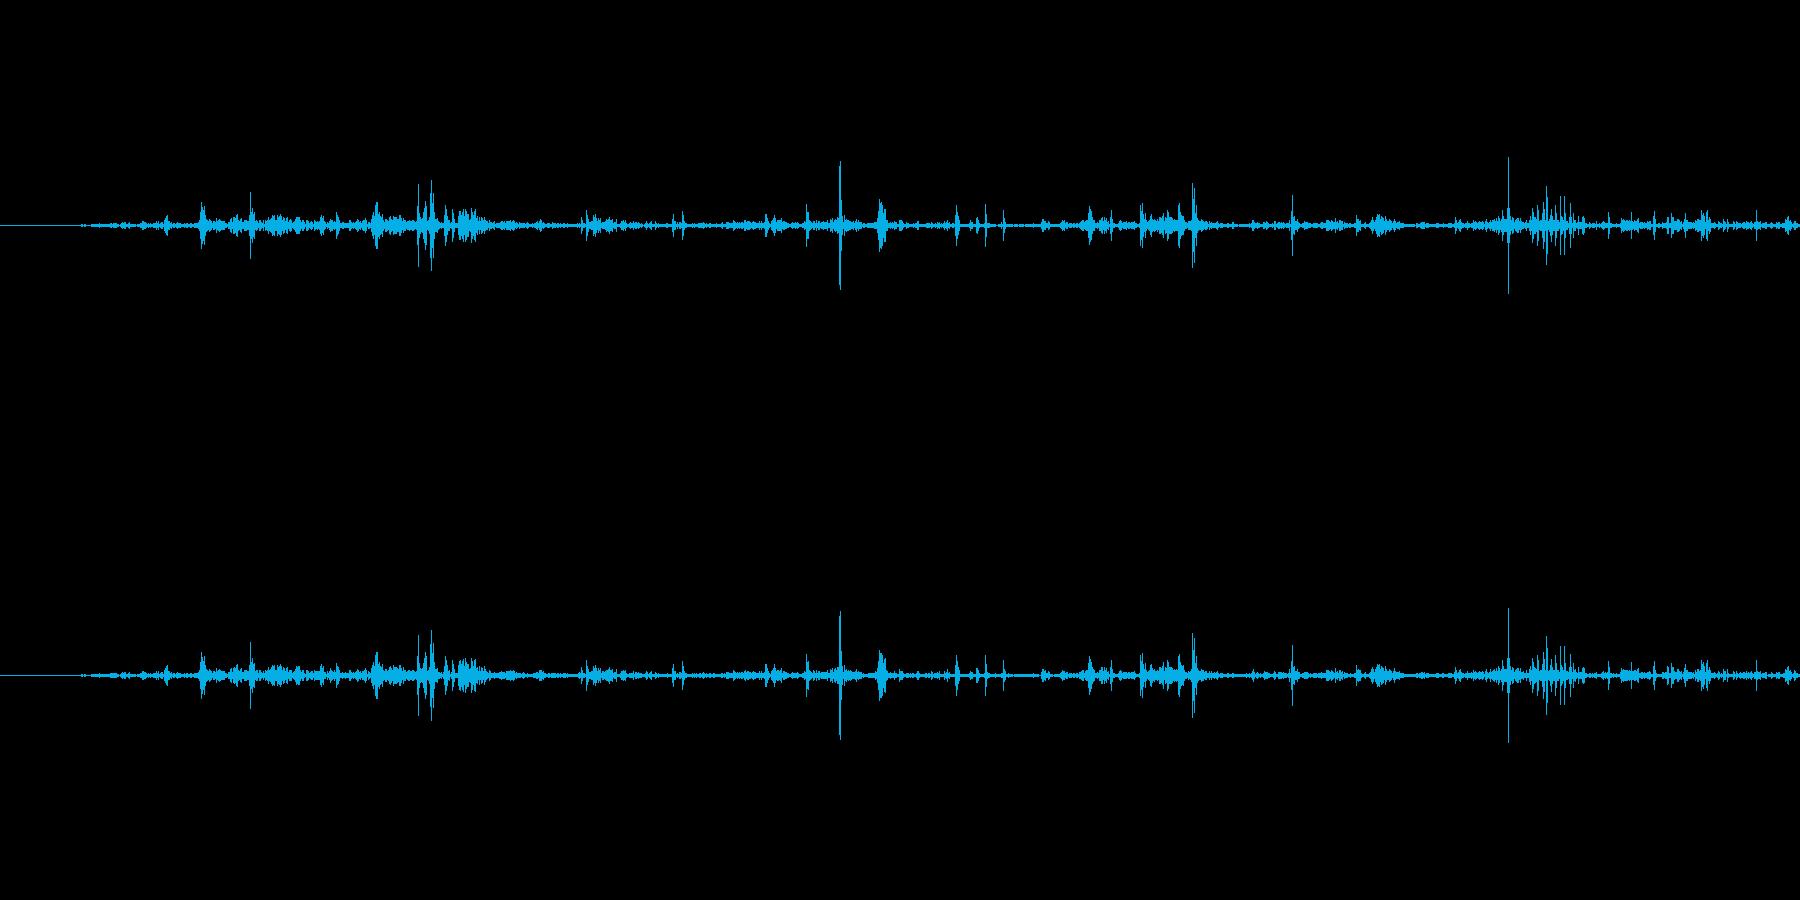 ぐちゃぐちゃ(短め)の再生済みの波形